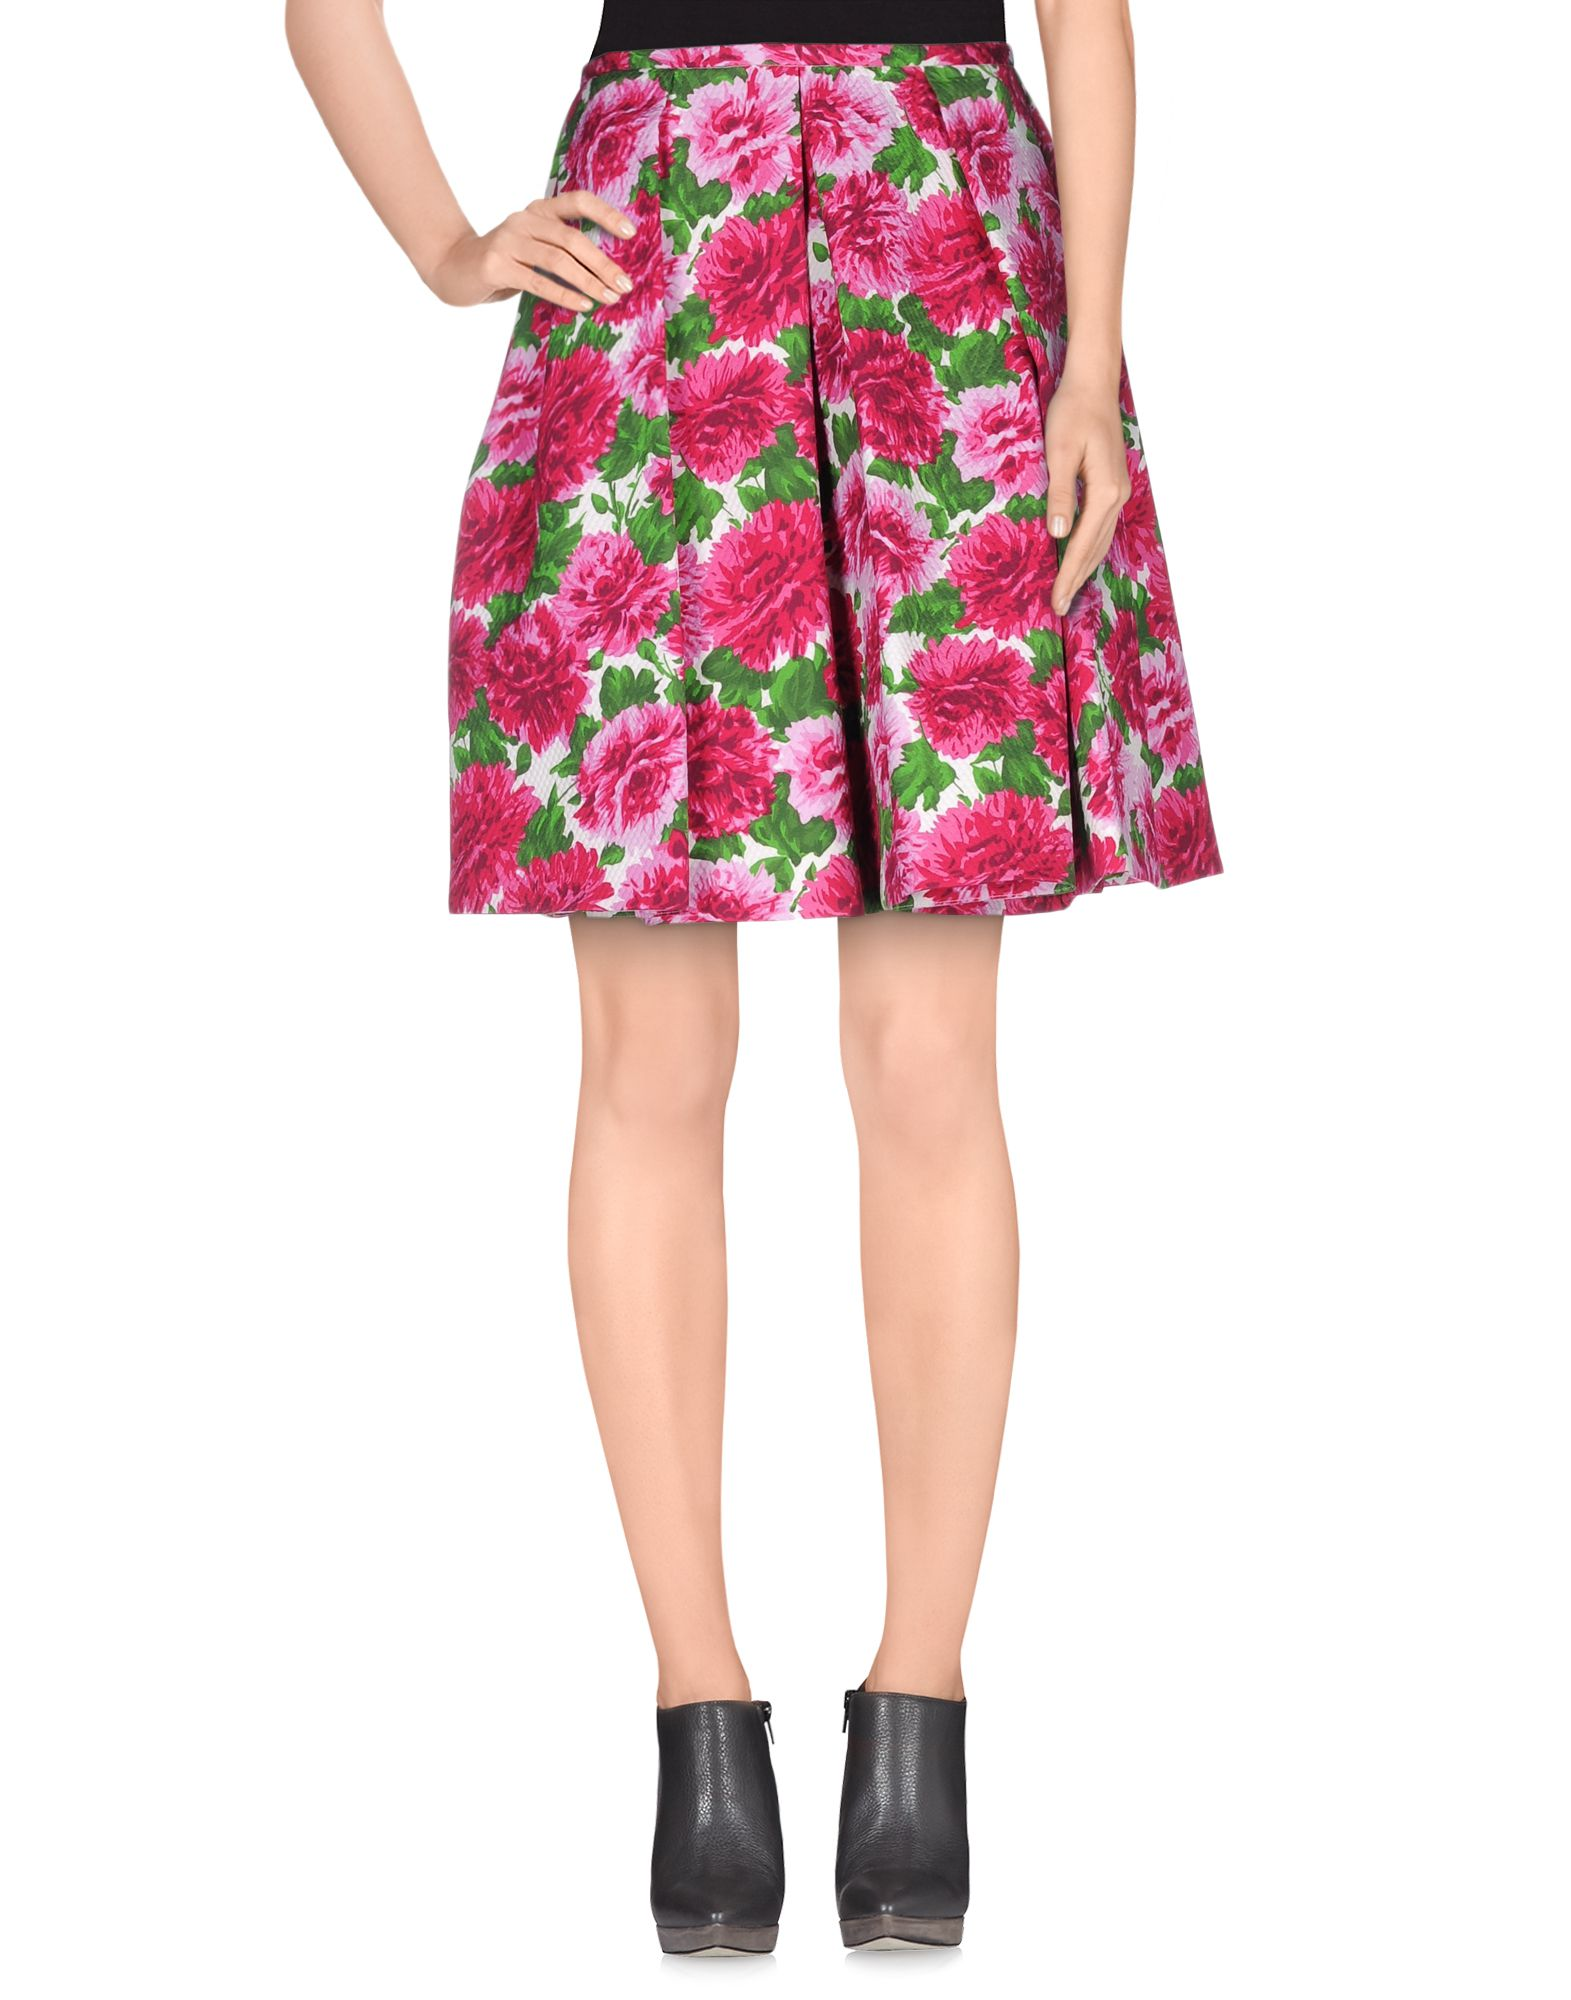 michael kors female michael kors knee length skirts